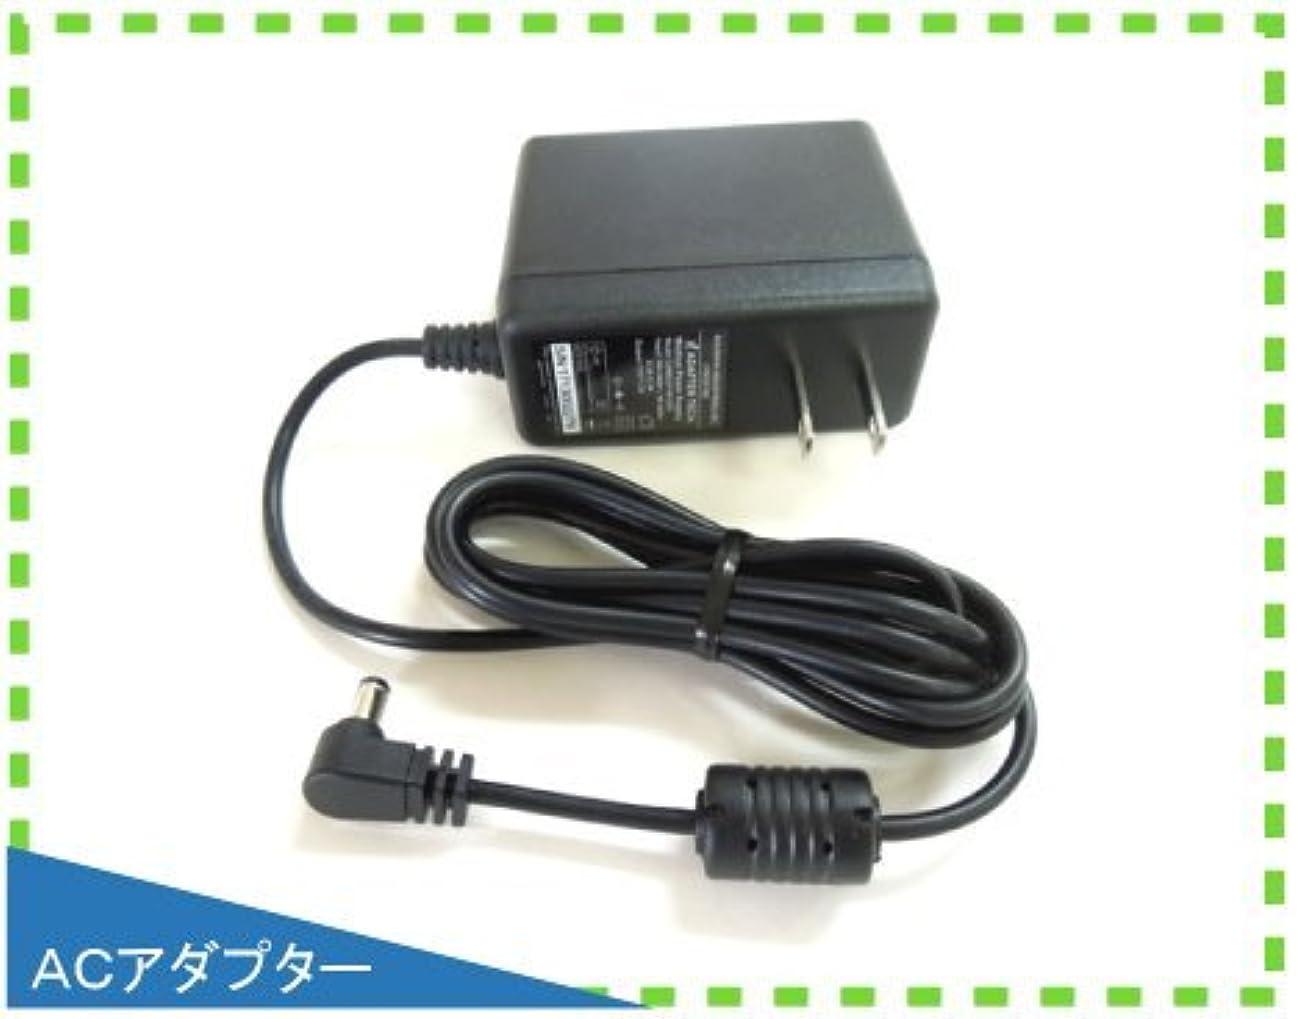 判定無傷スラッシュ【パワースマイルKS-700用 別売オプション品】専用ACアダプター